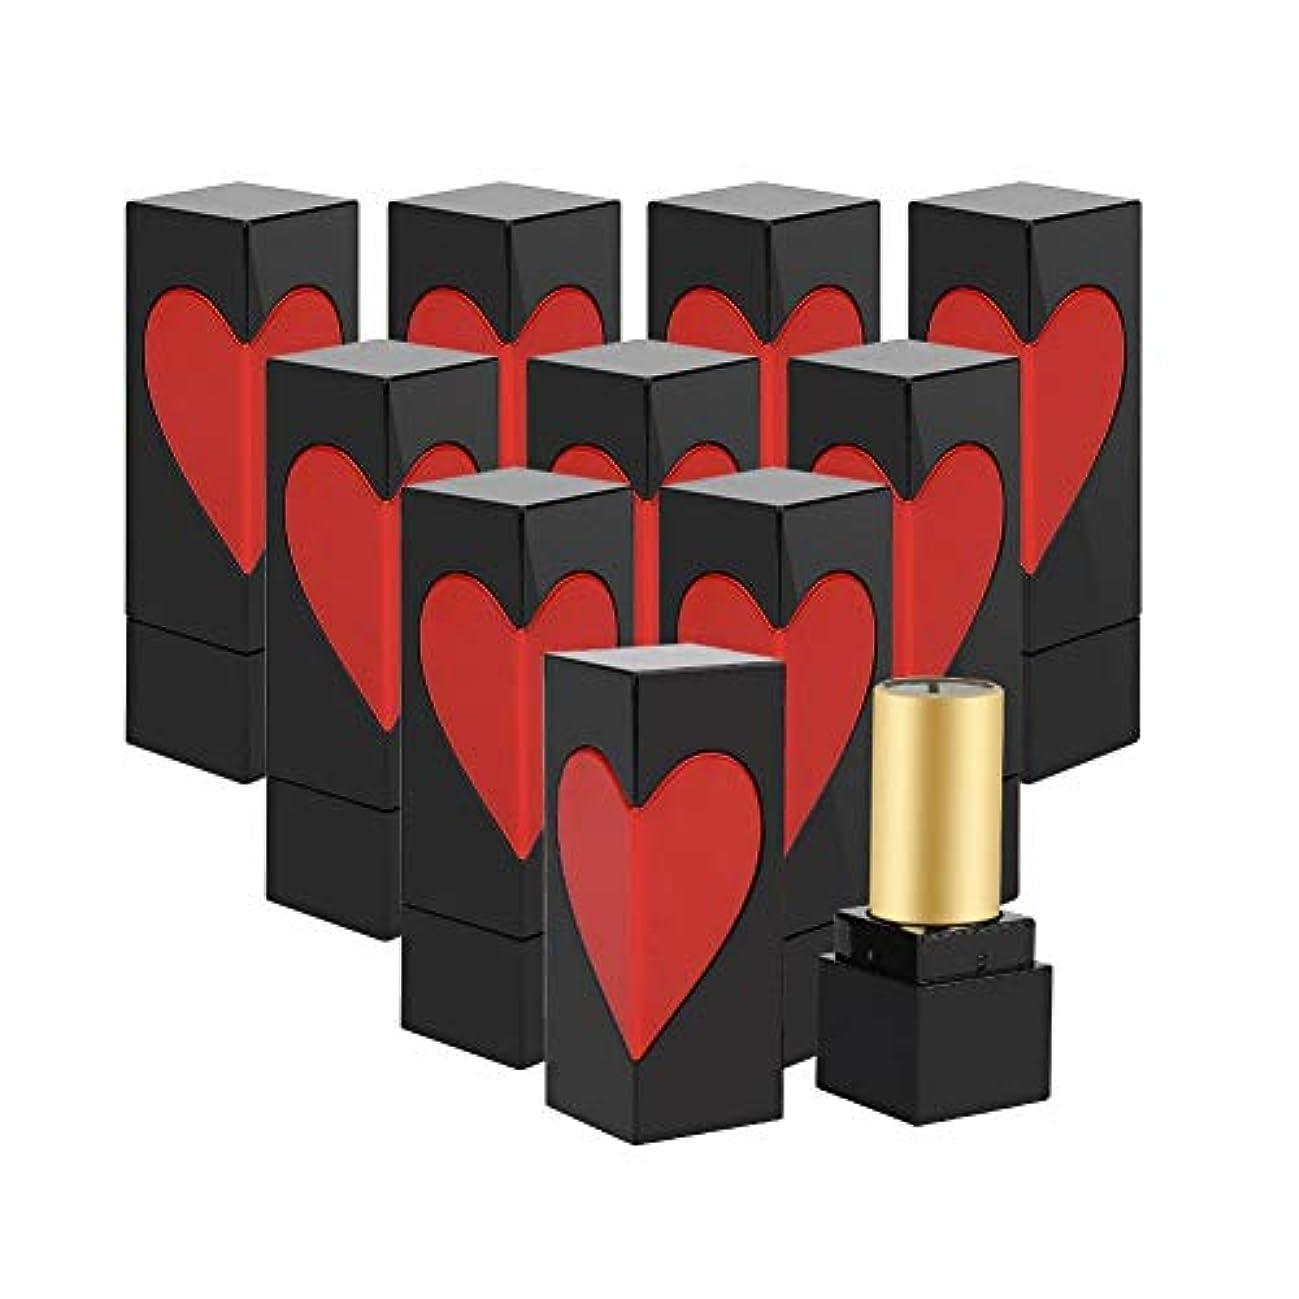 願う試用アルカトラズ島空口紅チューブ、かわいい 手作りリップスティックコンテナ 美しい外観 プラスチック製 口紅チューブ用 DIY用 2スタイル選べる(10枚)